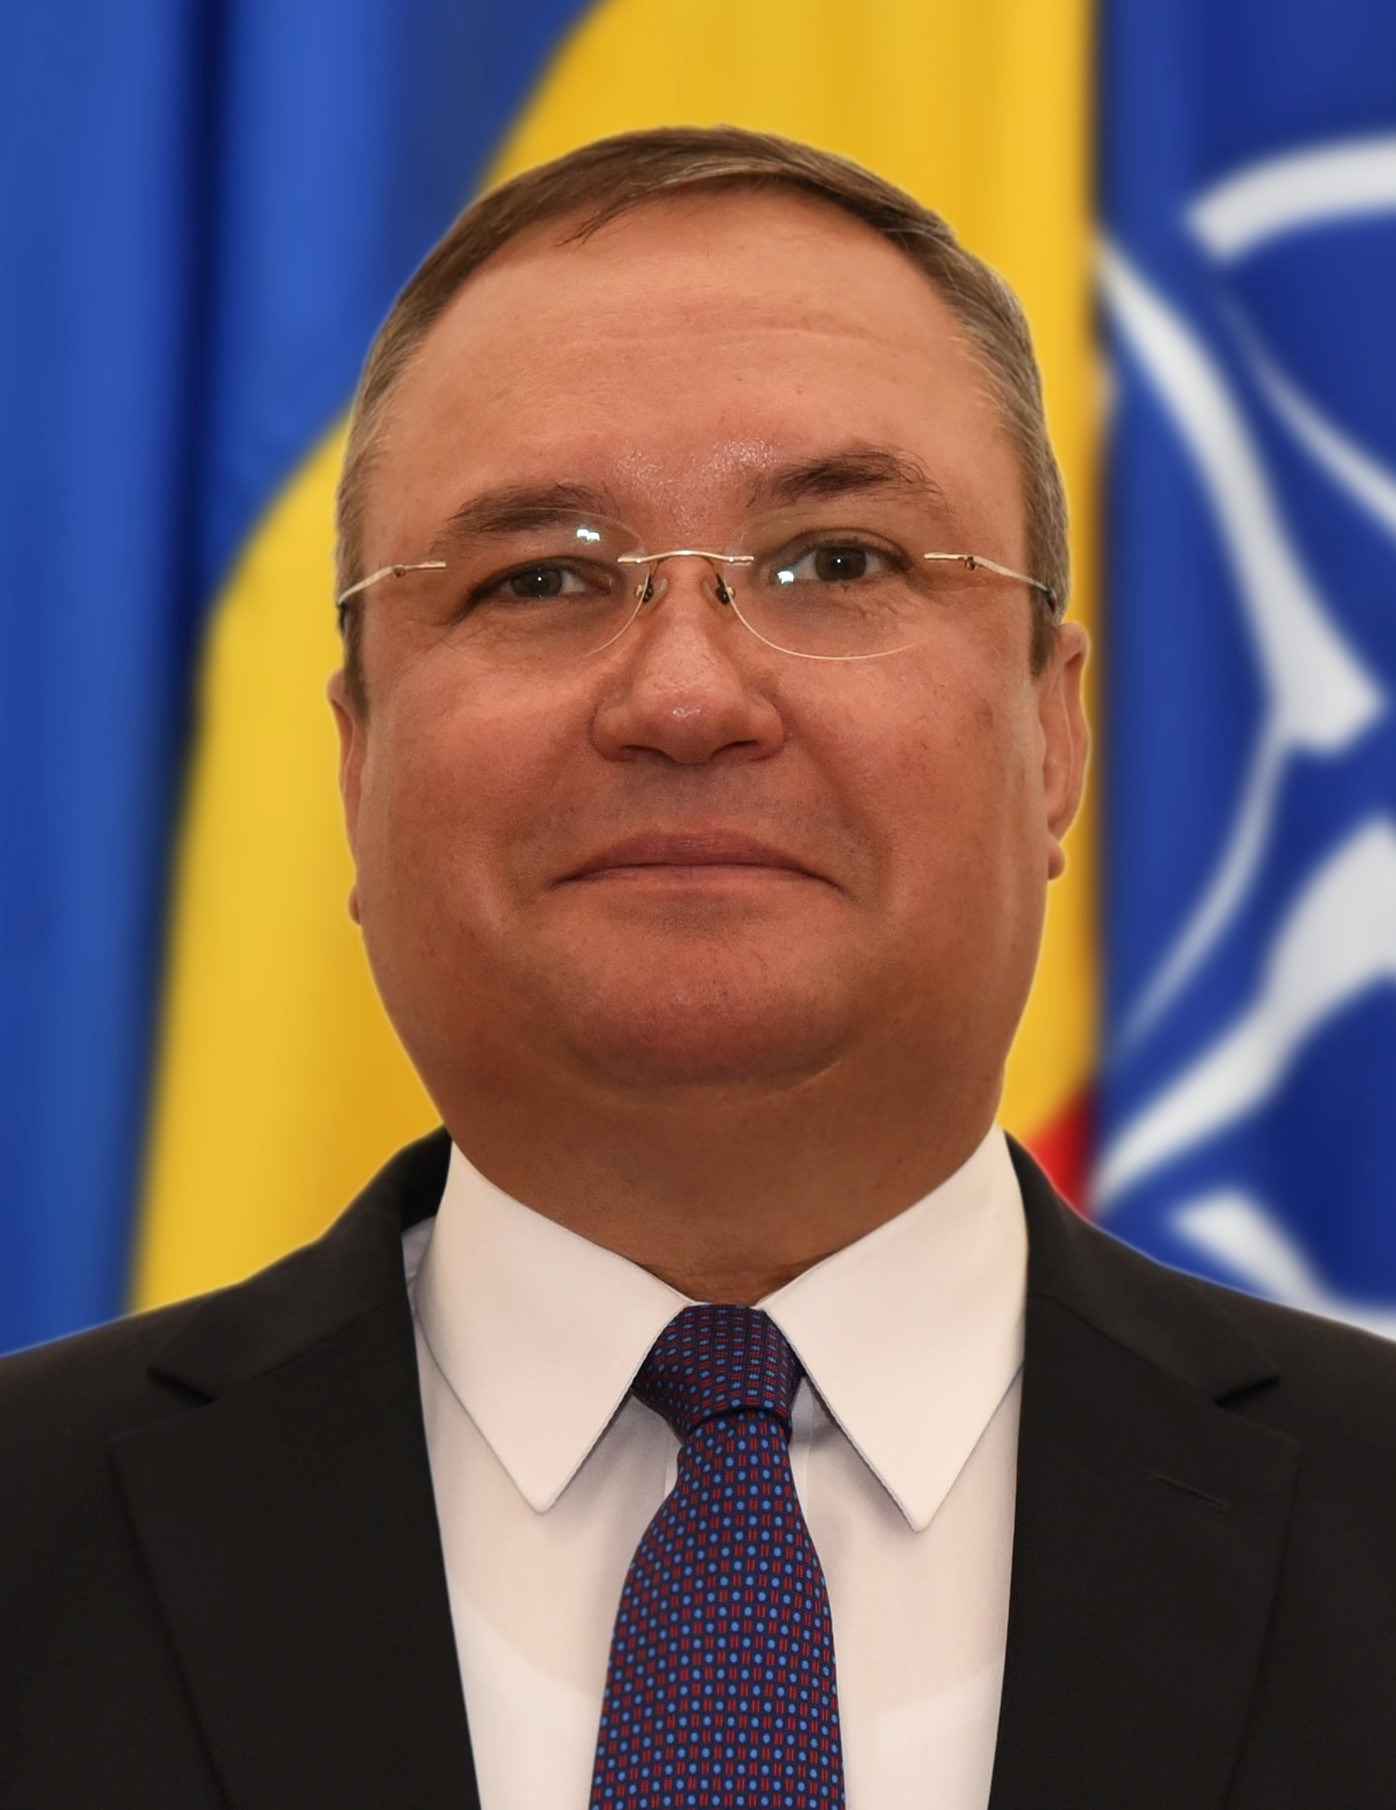 Nicolae Ionel Ciucă